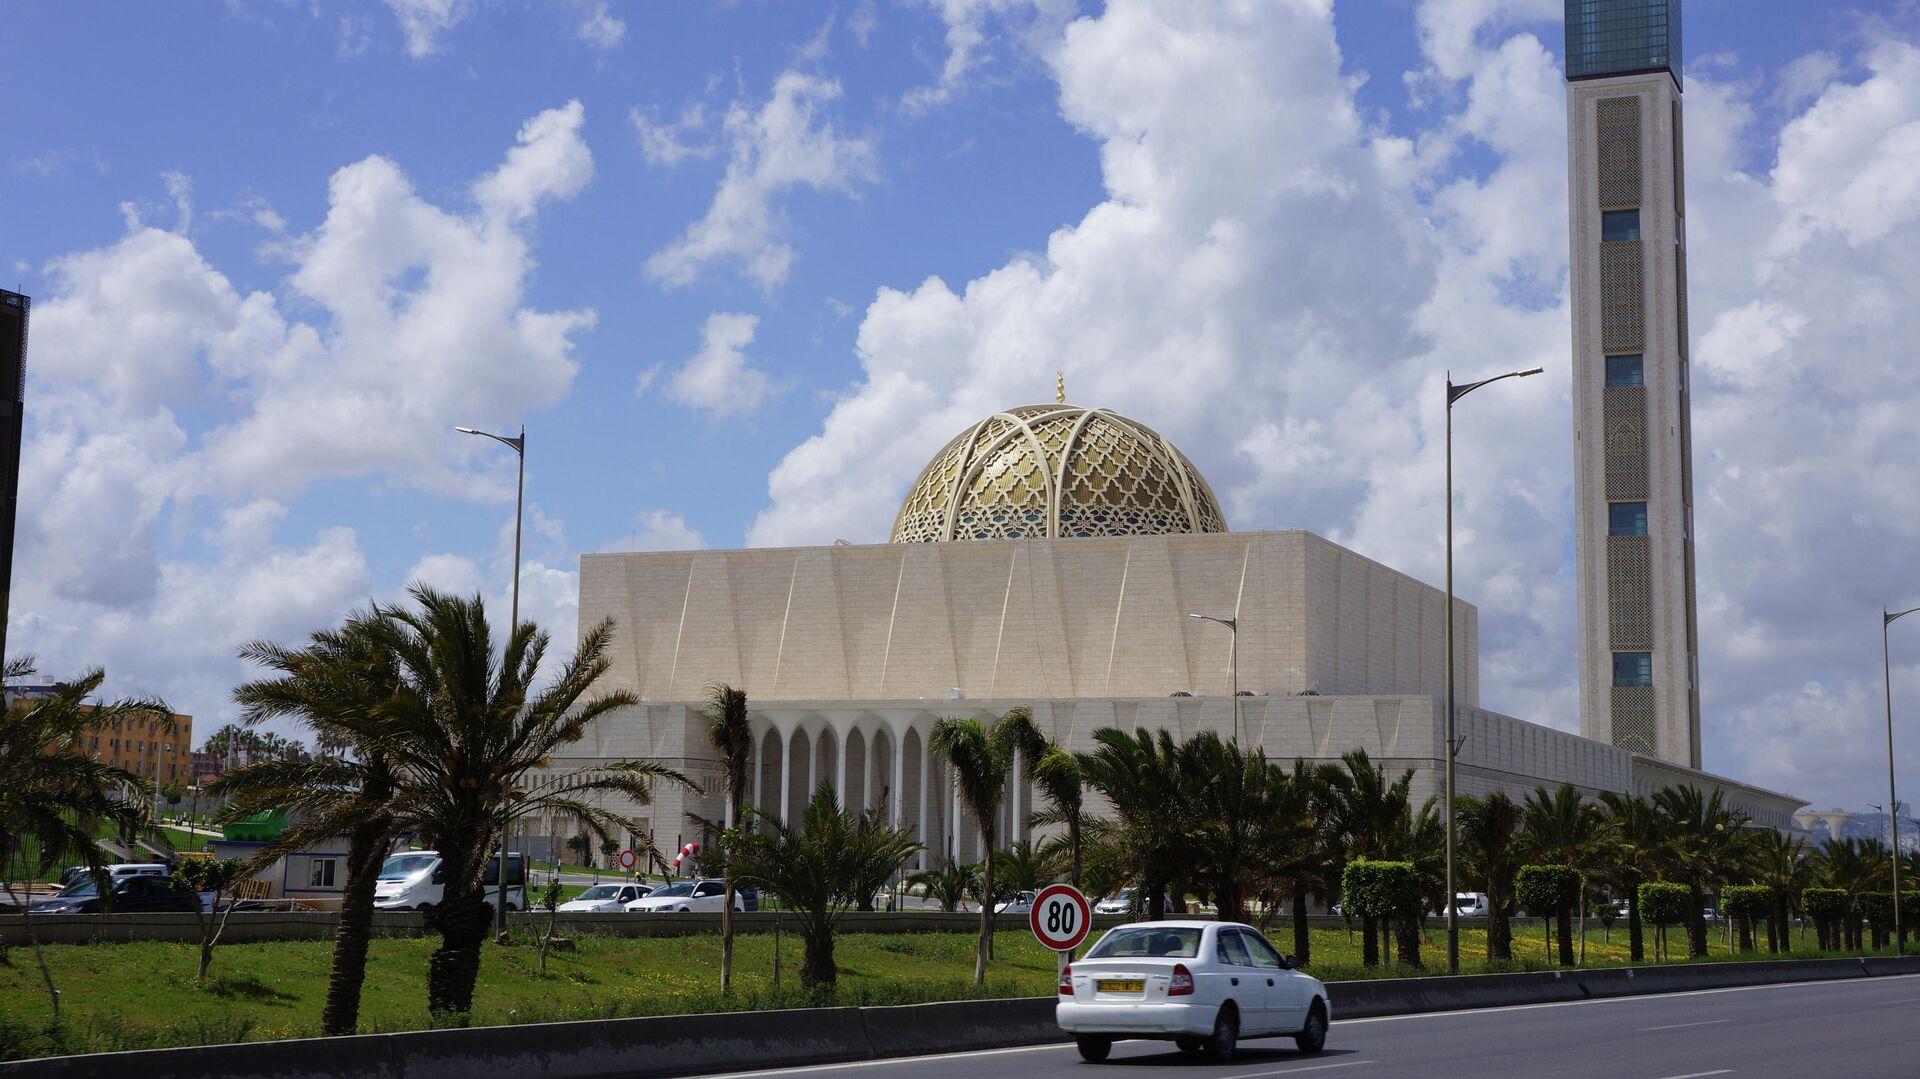 Мечеть Джамаа аль-Джазаир в Алжире - РИА Новости, 1920, 12.06.2021